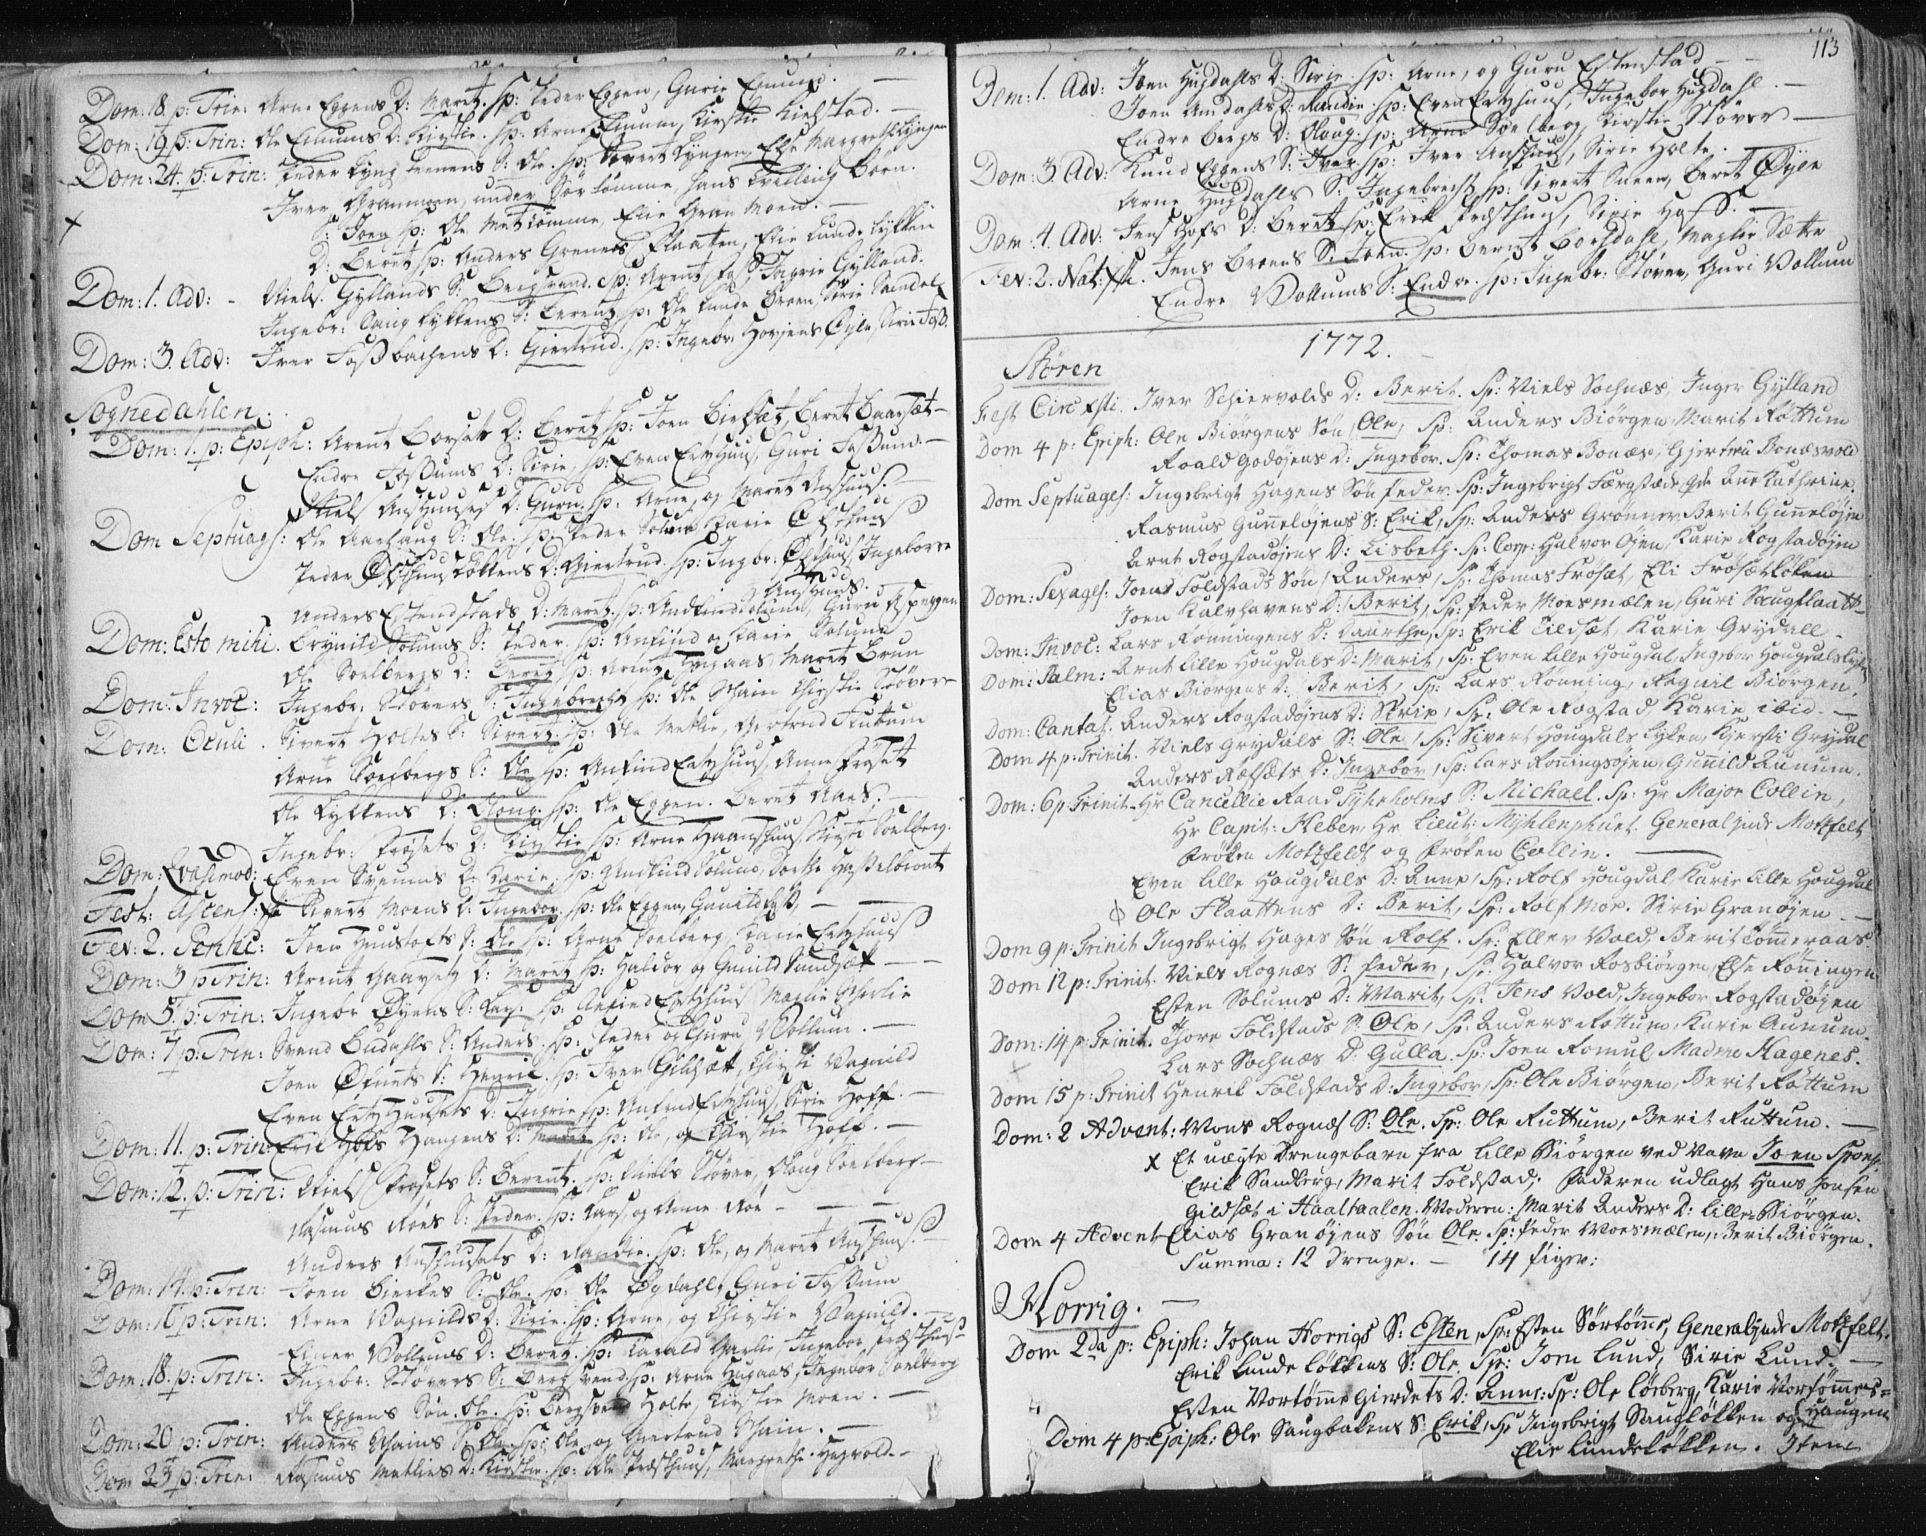 SAT, Ministerialprotokoller, klokkerbøker og fødselsregistre - Sør-Trøndelag, 687/L0991: Ministerialbok nr. 687A02, 1747-1790, s. 113